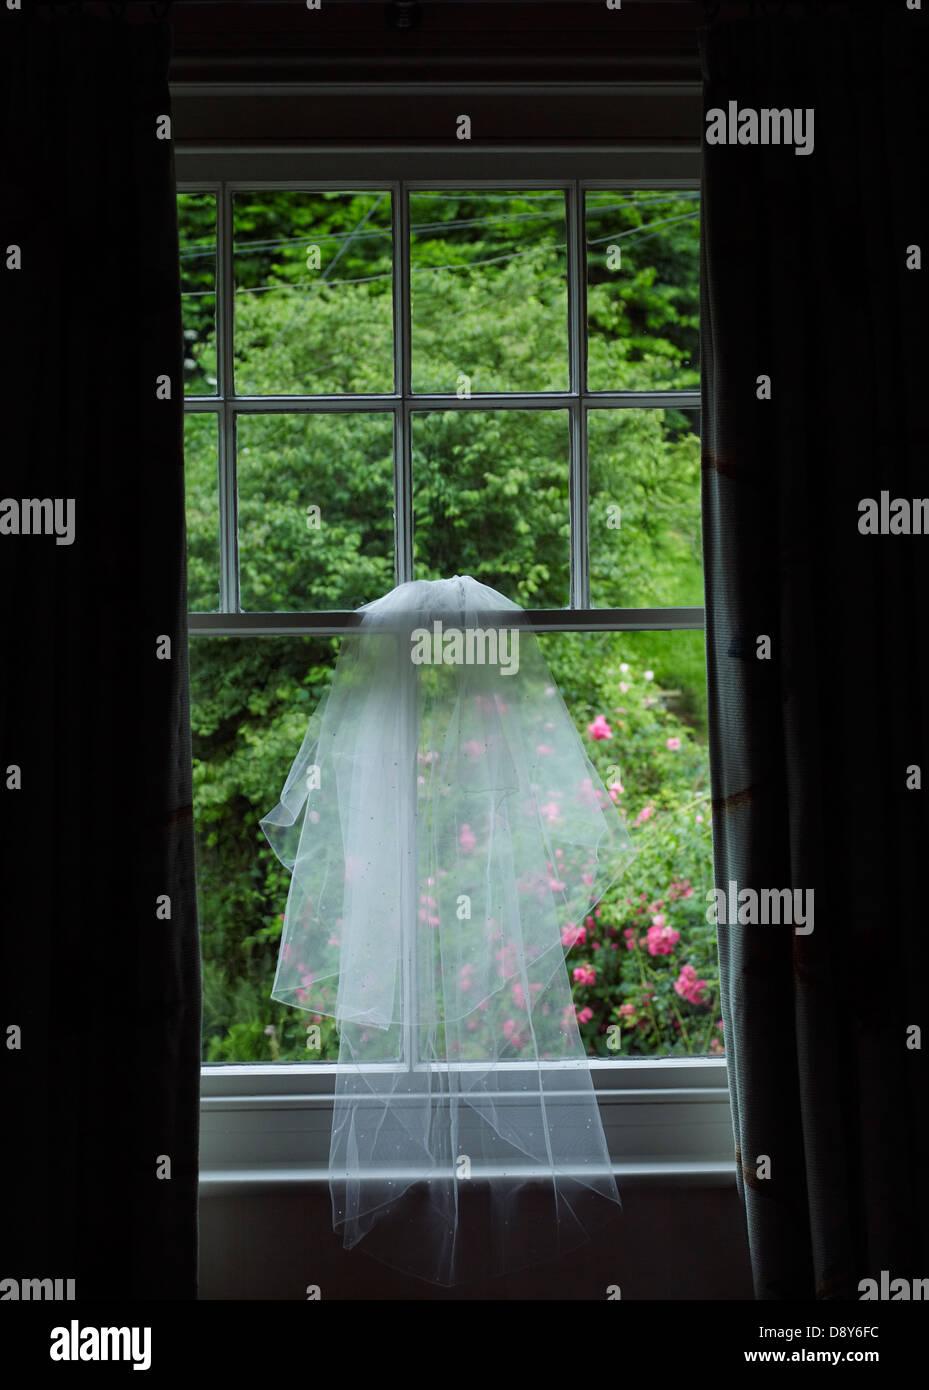 Un mariage voile suspendu à une fenêtre donnant sur un jardin verdoyant. Photo Stock